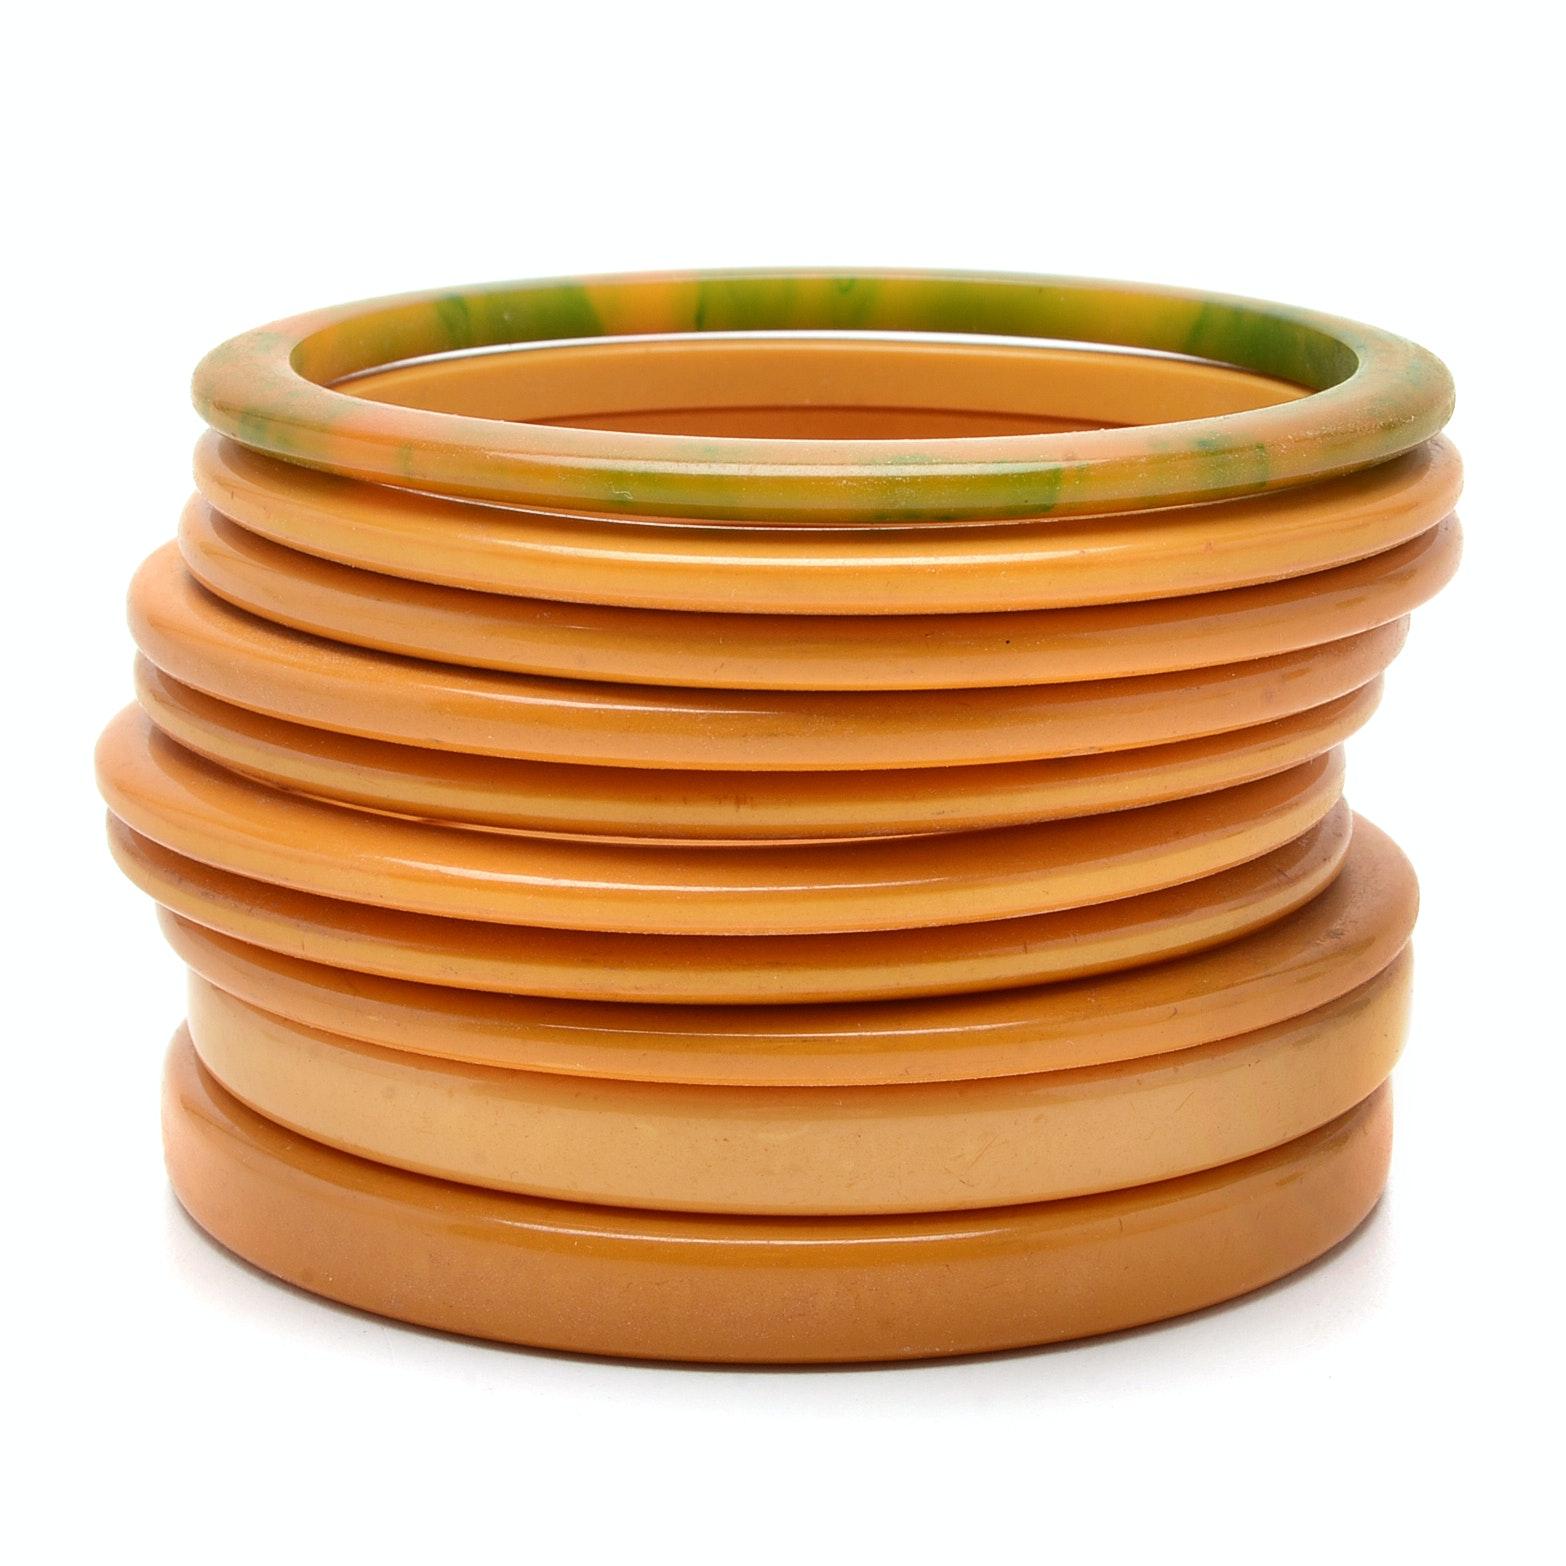 Ten Bakelite Bangle Bracelets